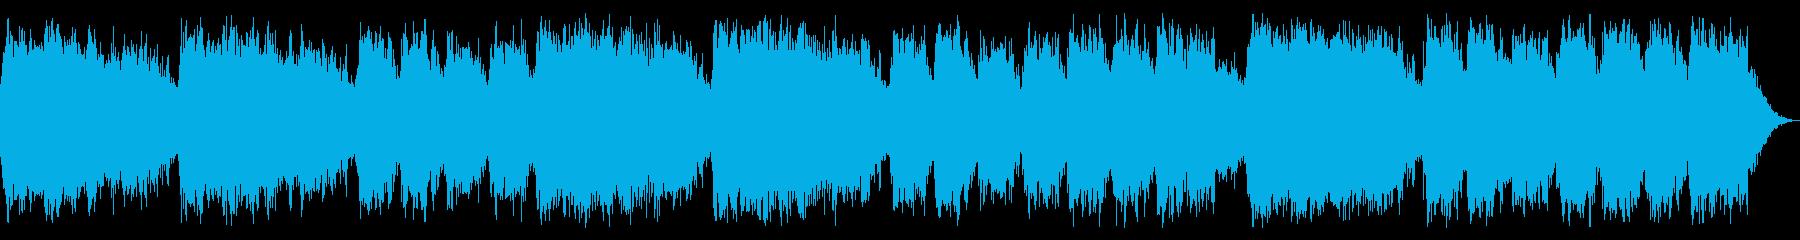 ミステリアスでダークな淡々としたBGMの再生済みの波形